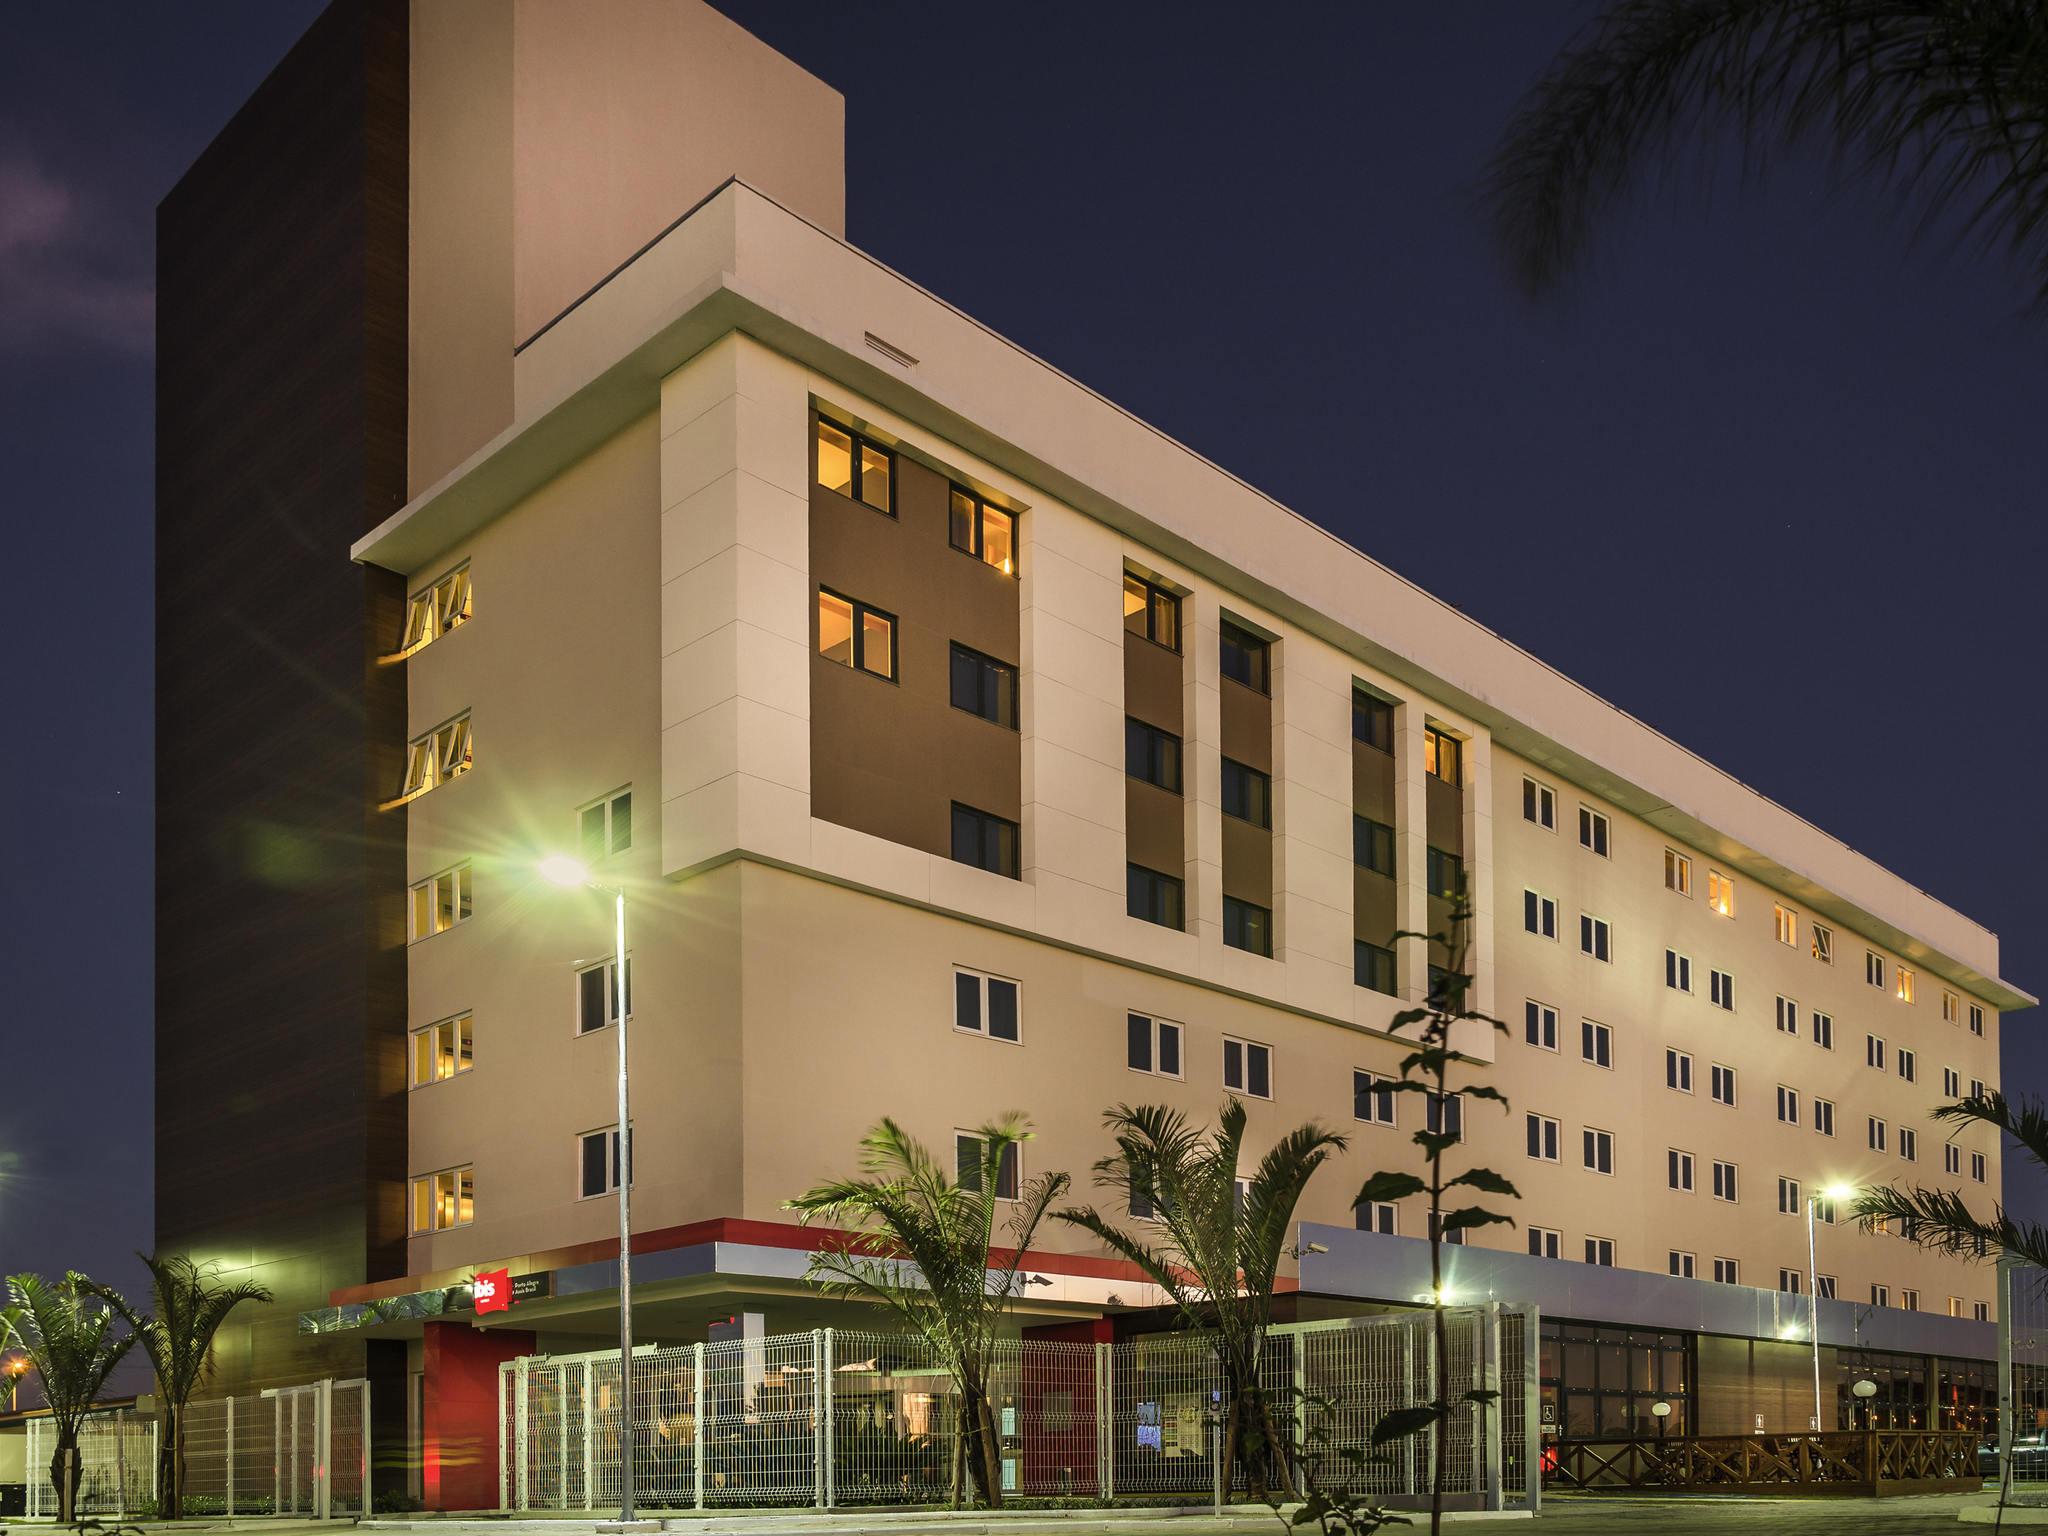 酒店 – 宜必思巴西阿雷格里港阿西斯酒店